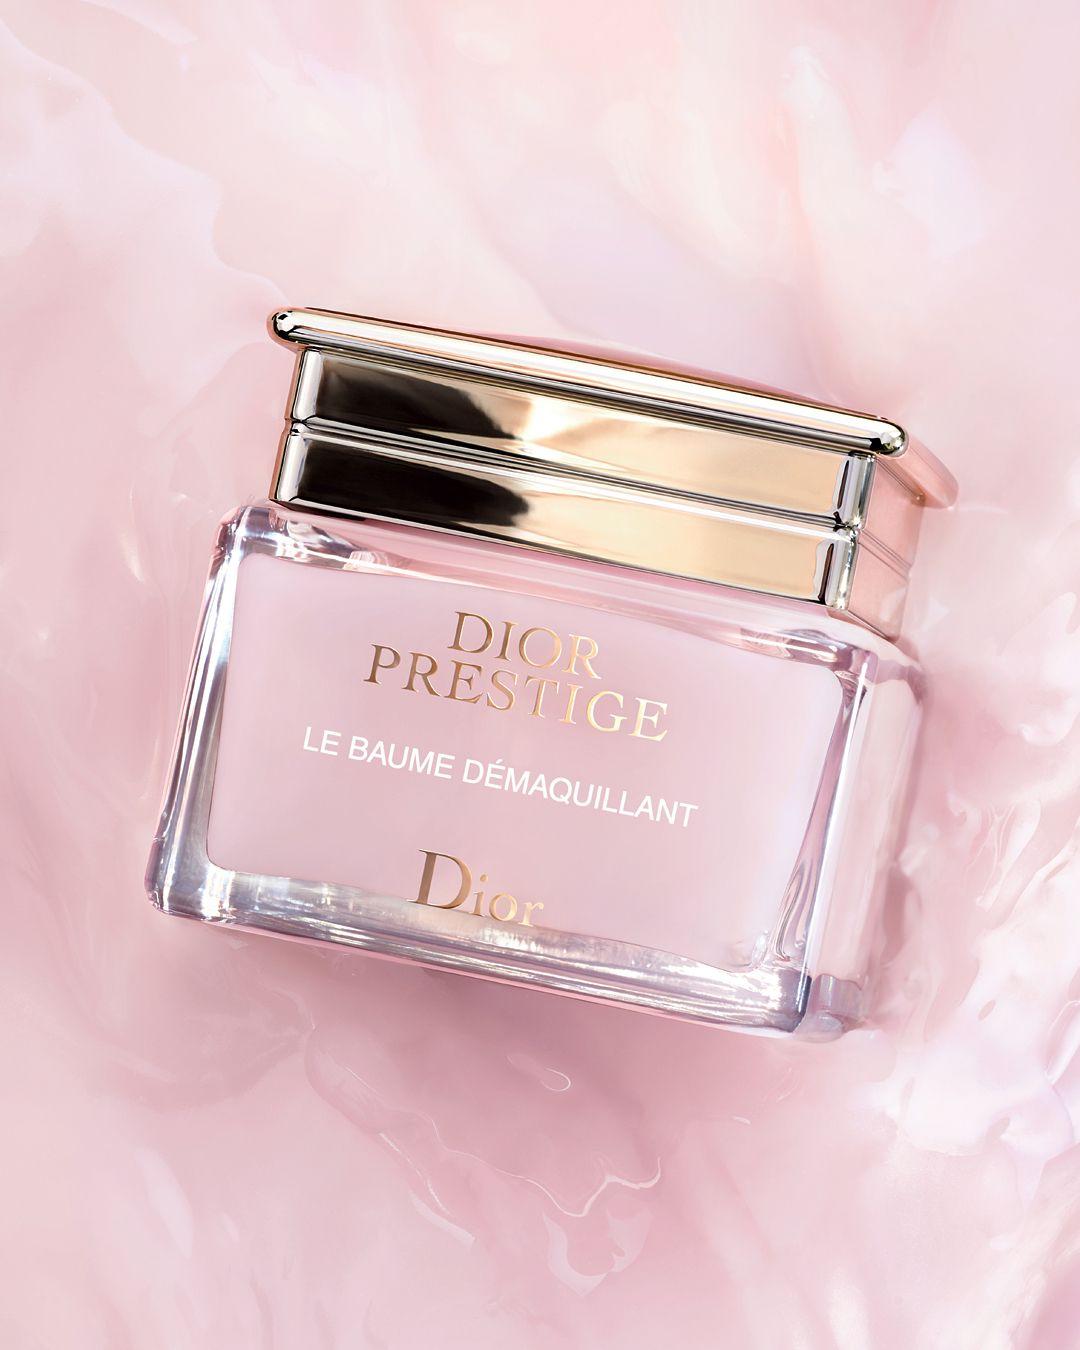 Dior Prestige Le Baume Démaquillant La Mousse Micellaire Le Sucre De Gommage Dive Into The Most Exquisite Cleansing Démaquillant Produits De Beauté Dior